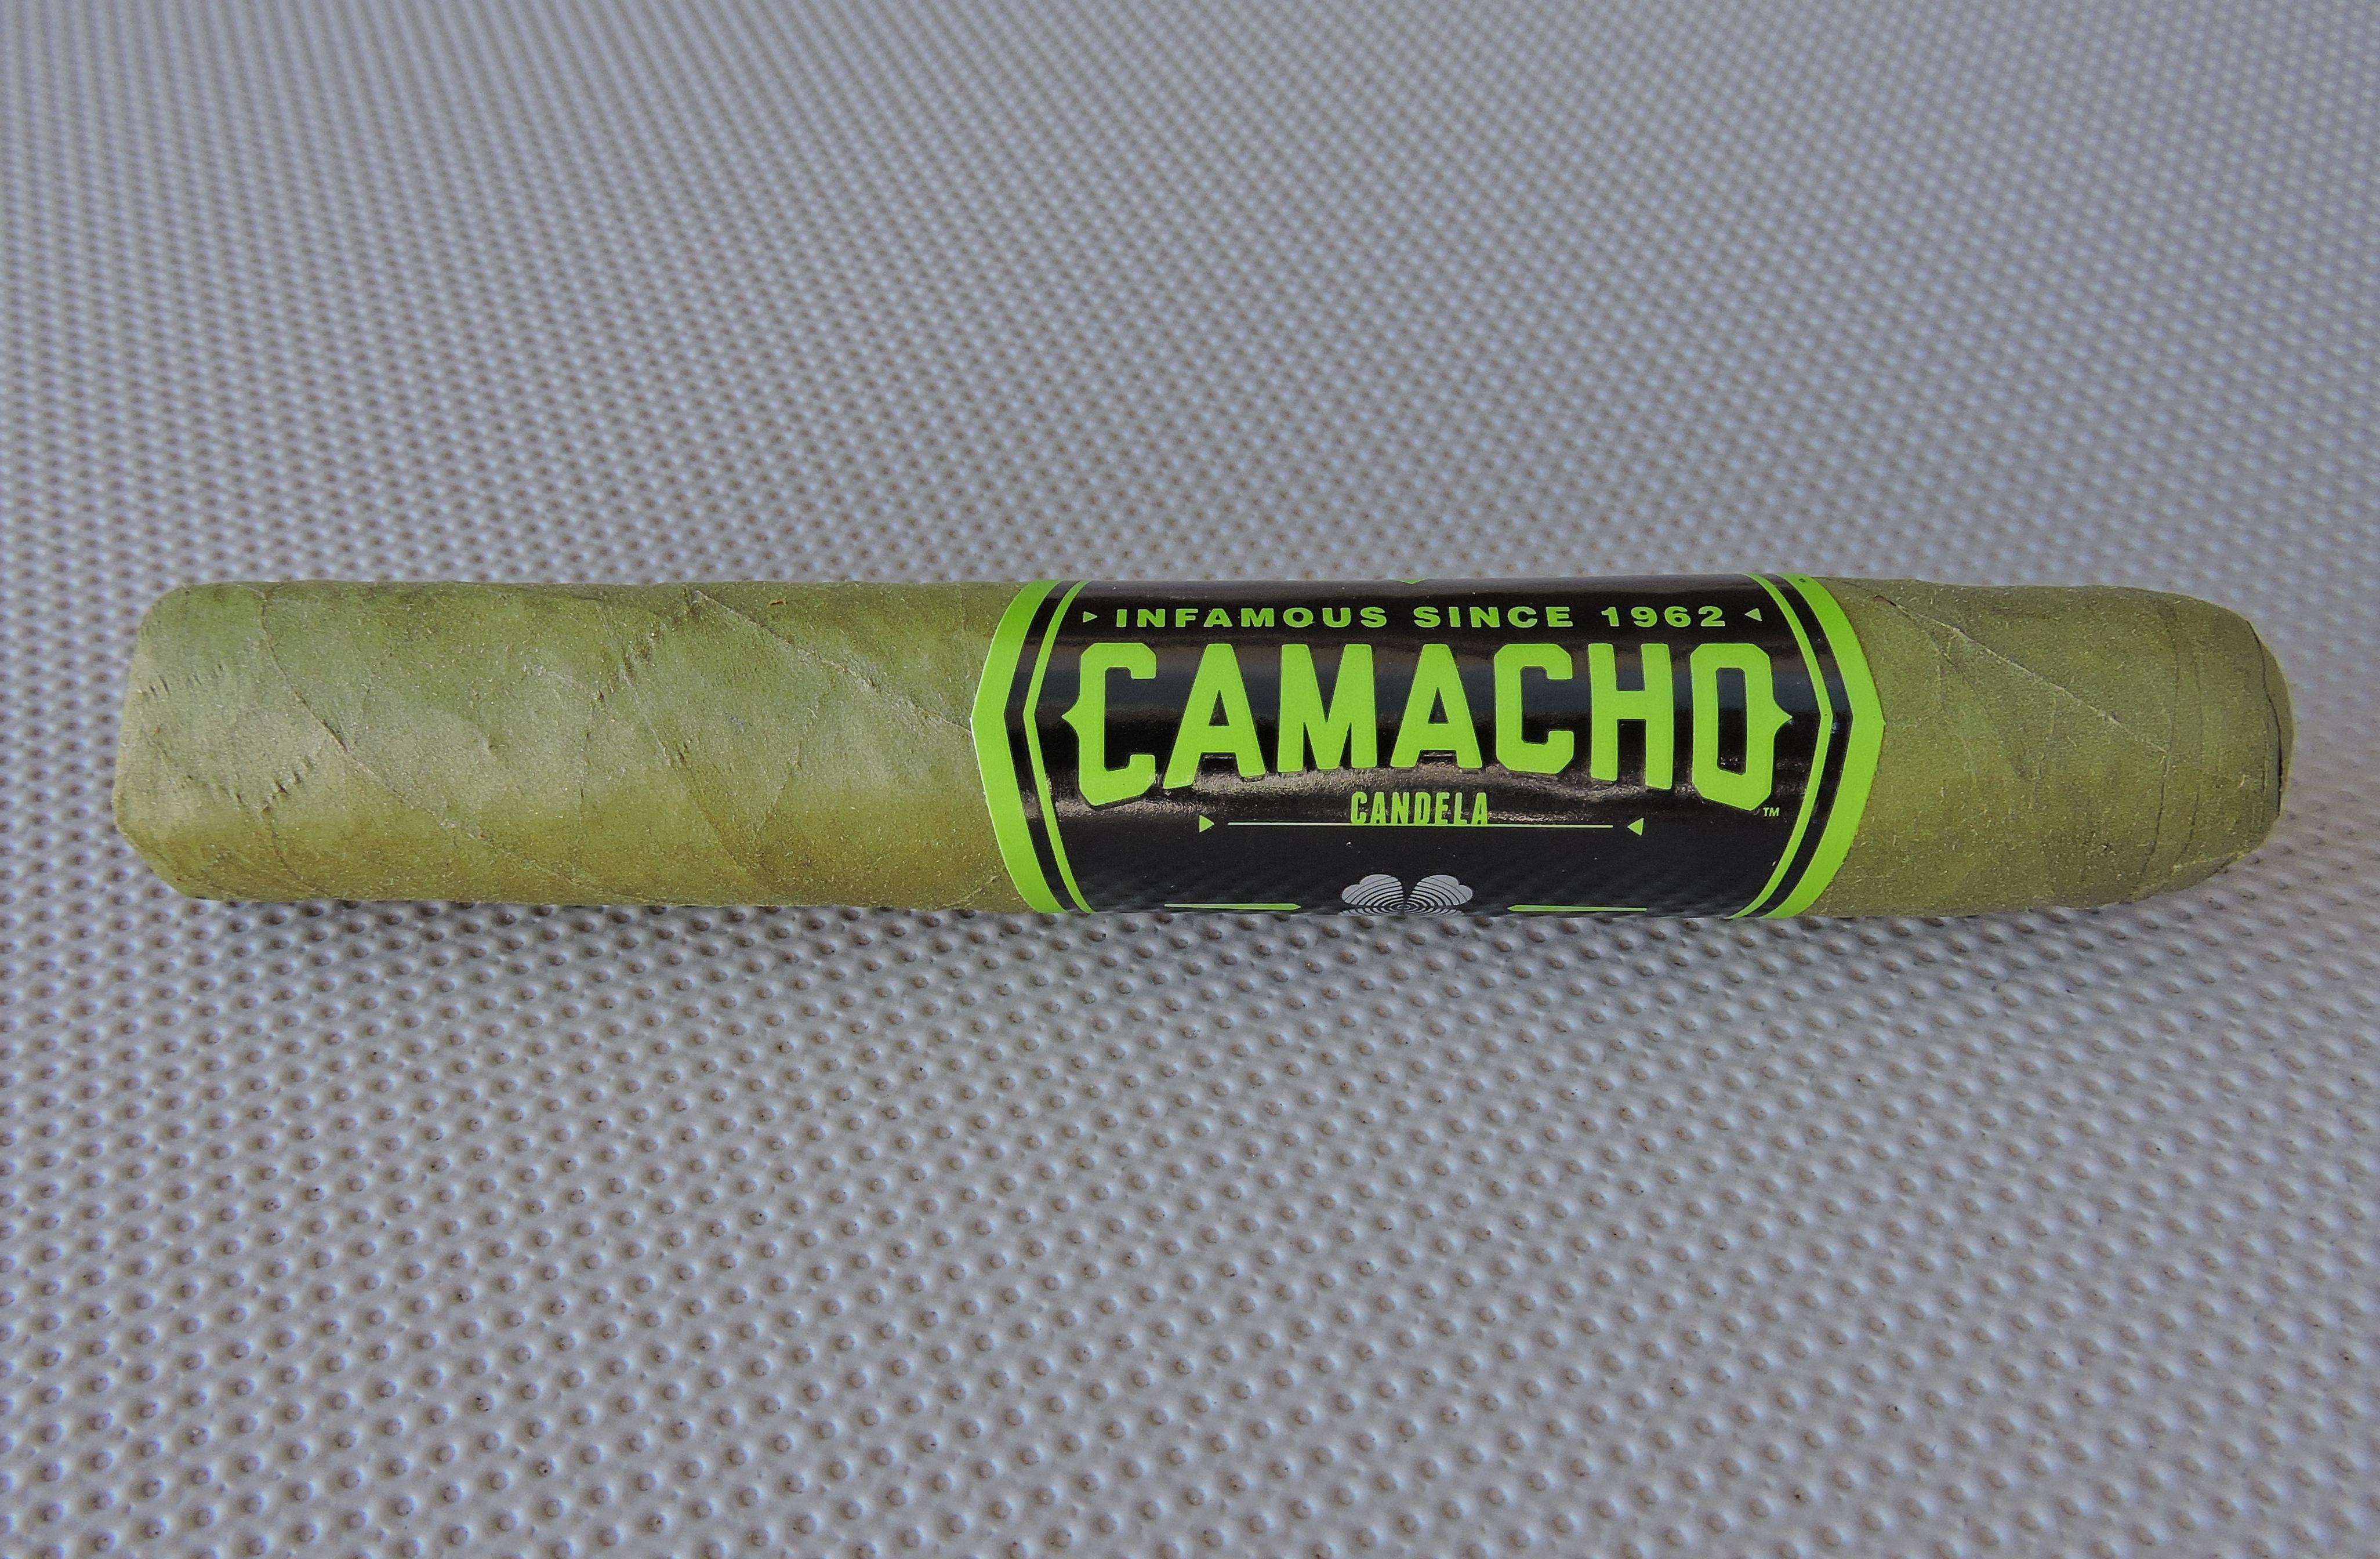 Camacho Candela Robusto (2018)